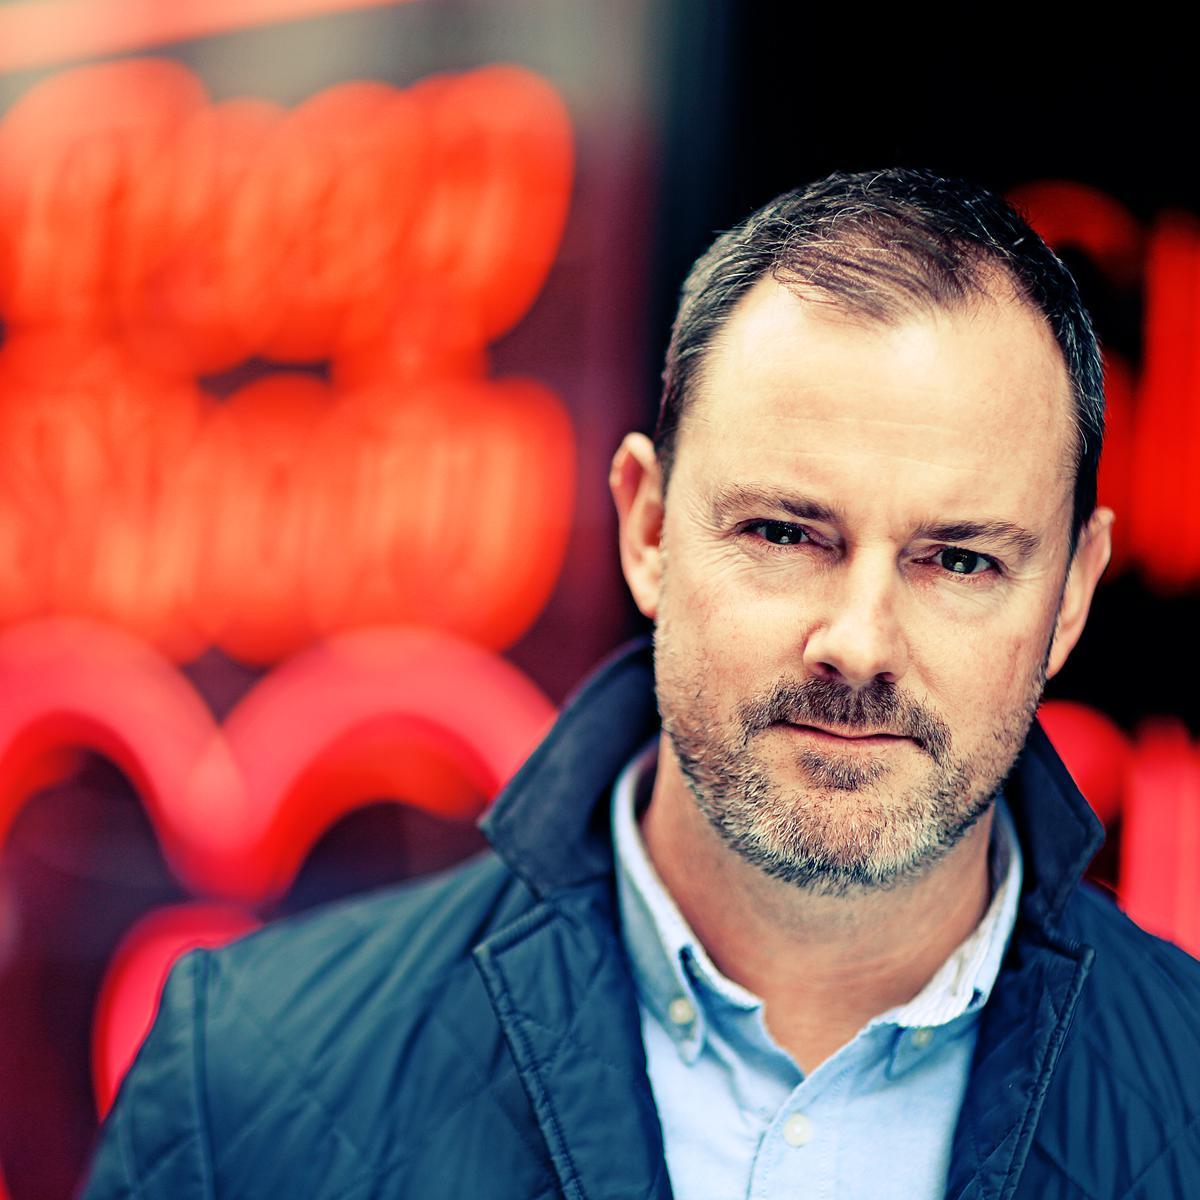 Professional Portrait of Gavin Bell (Studio of Art & Commerce, London) by Julian Hanford